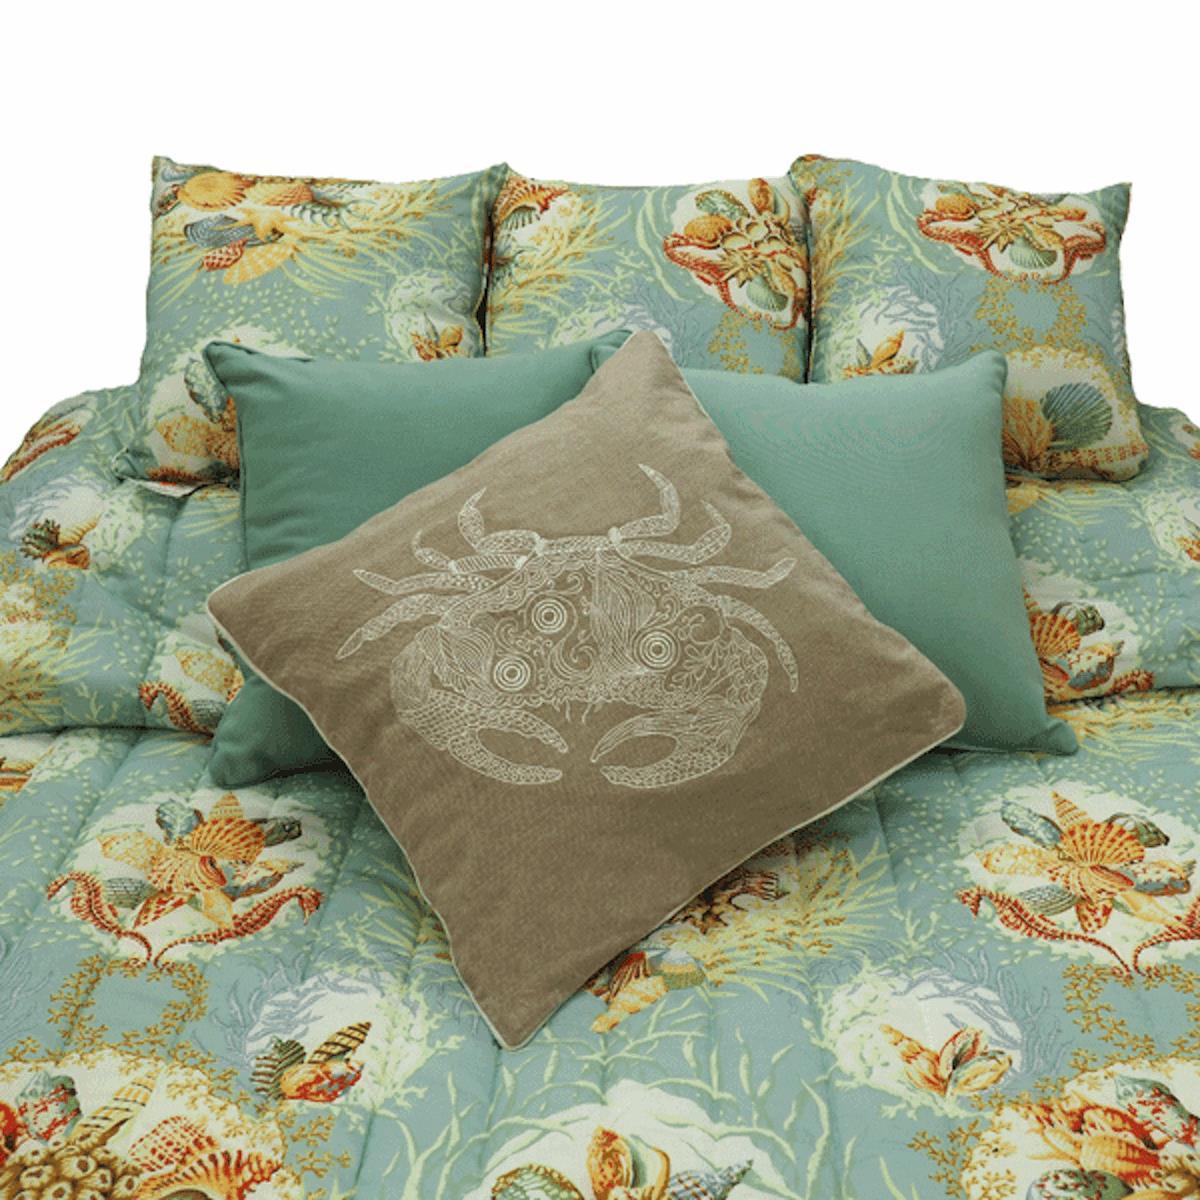 Aqua Sealife Bedding Collection -